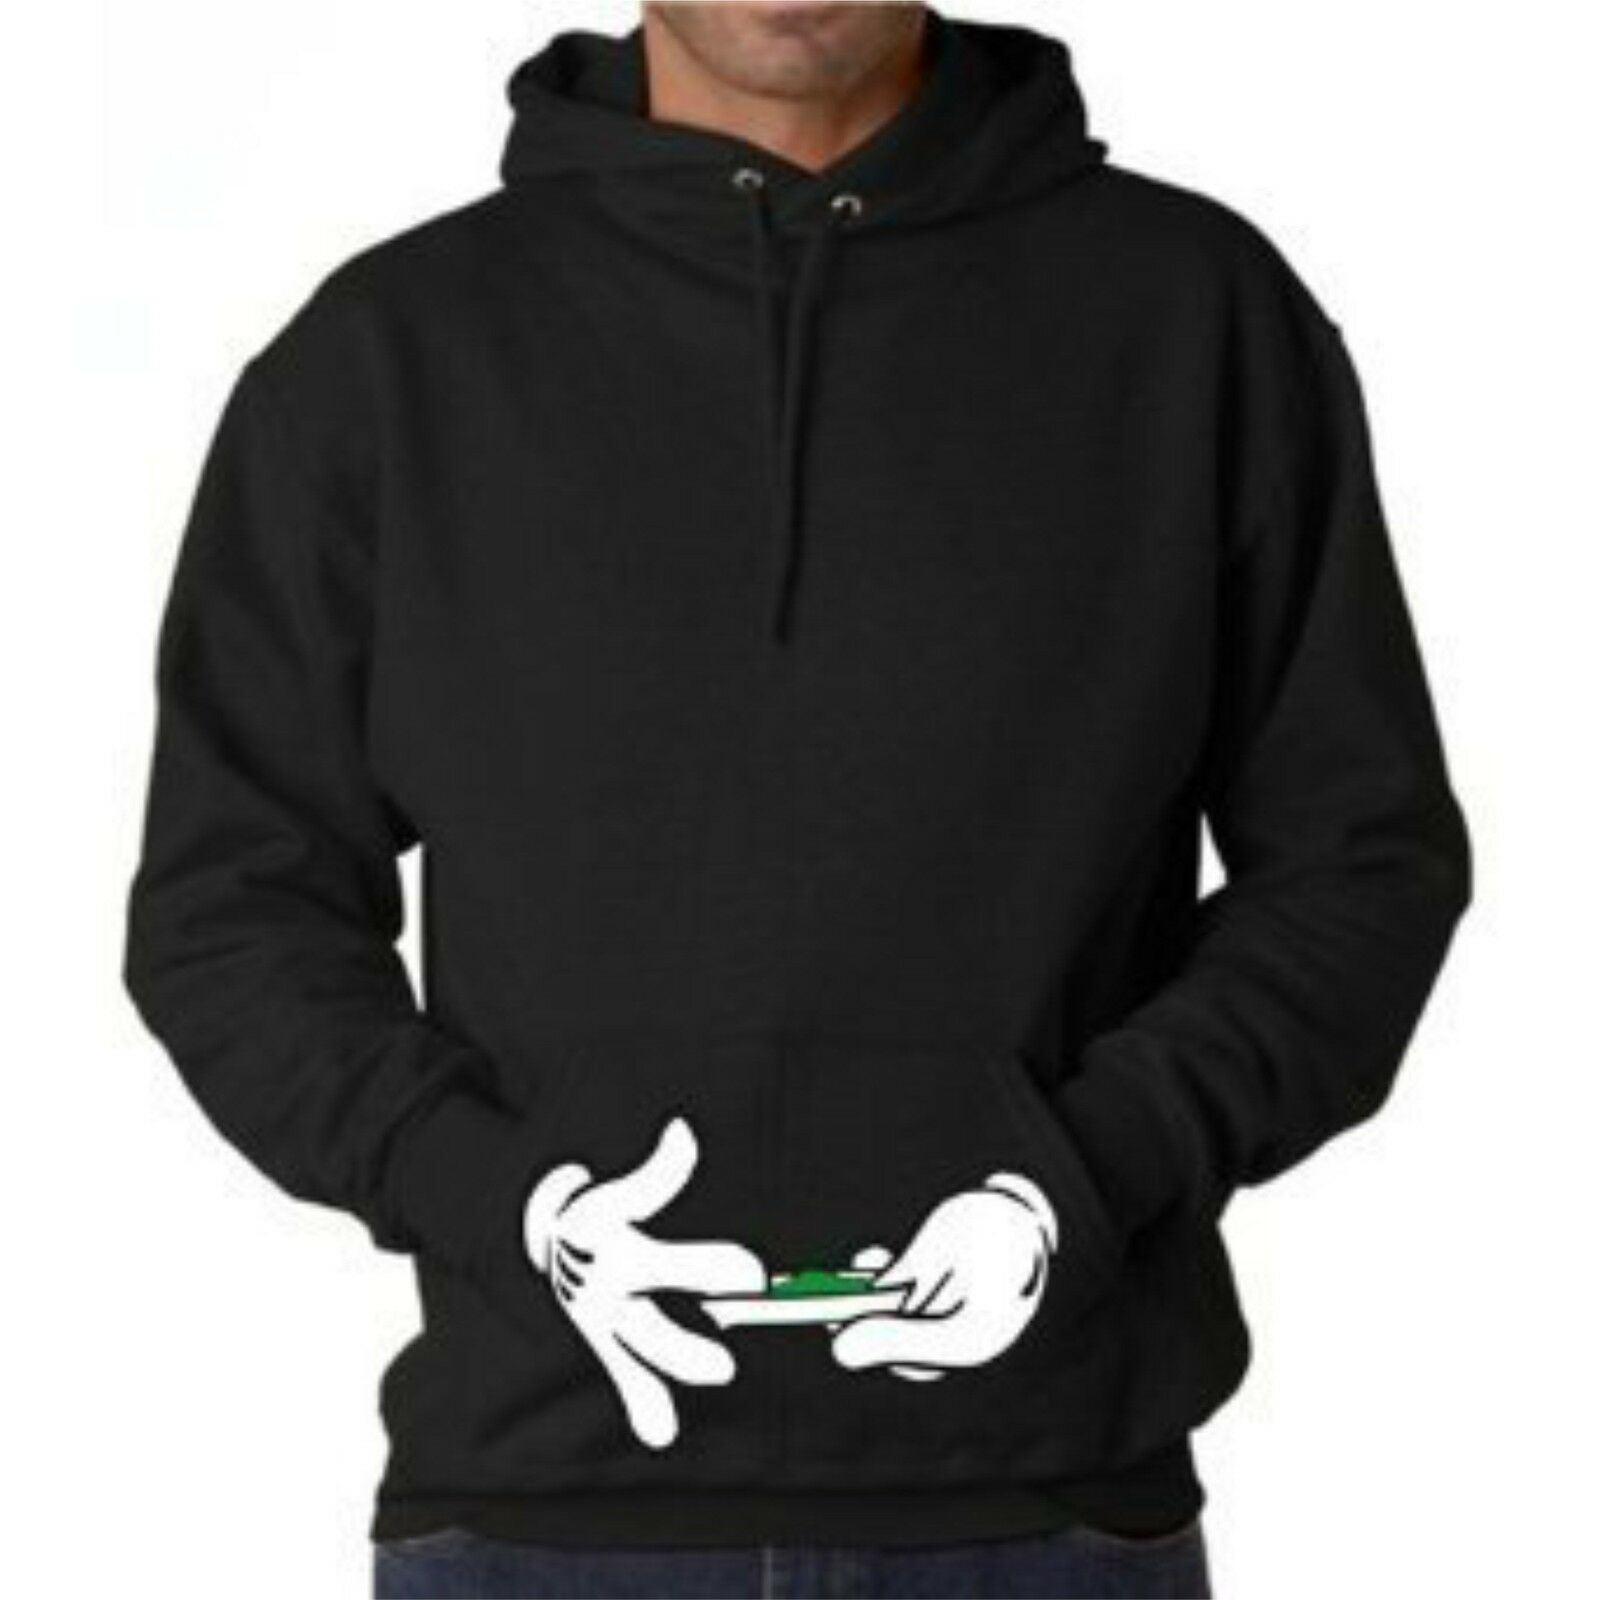 Cartoon Hands Hoodie Sweatshirt Pullover Blunt Joint Kush Rolling 420 weed leaf